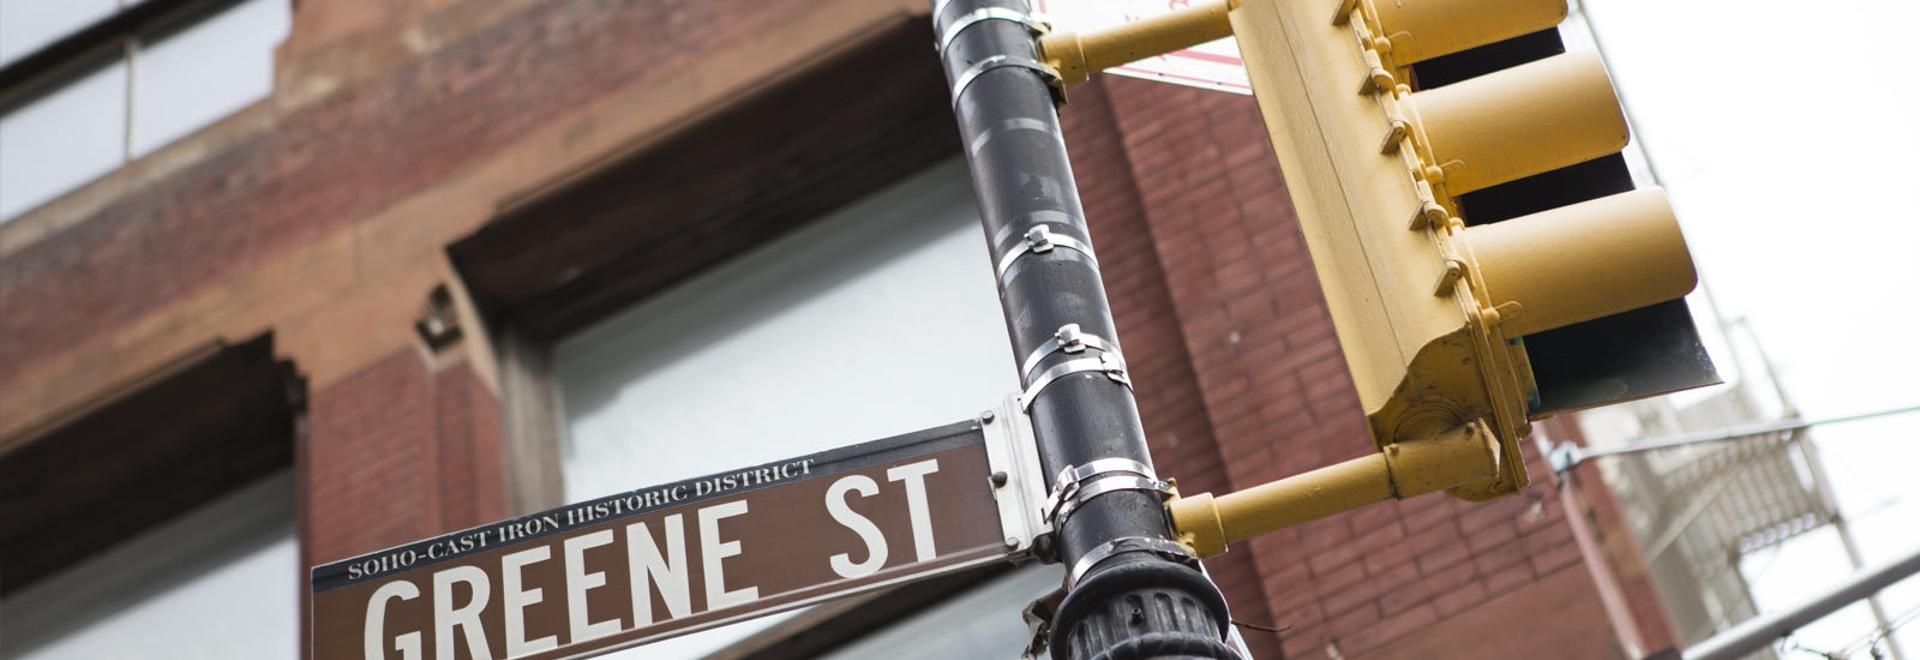 53 GREENE STREET